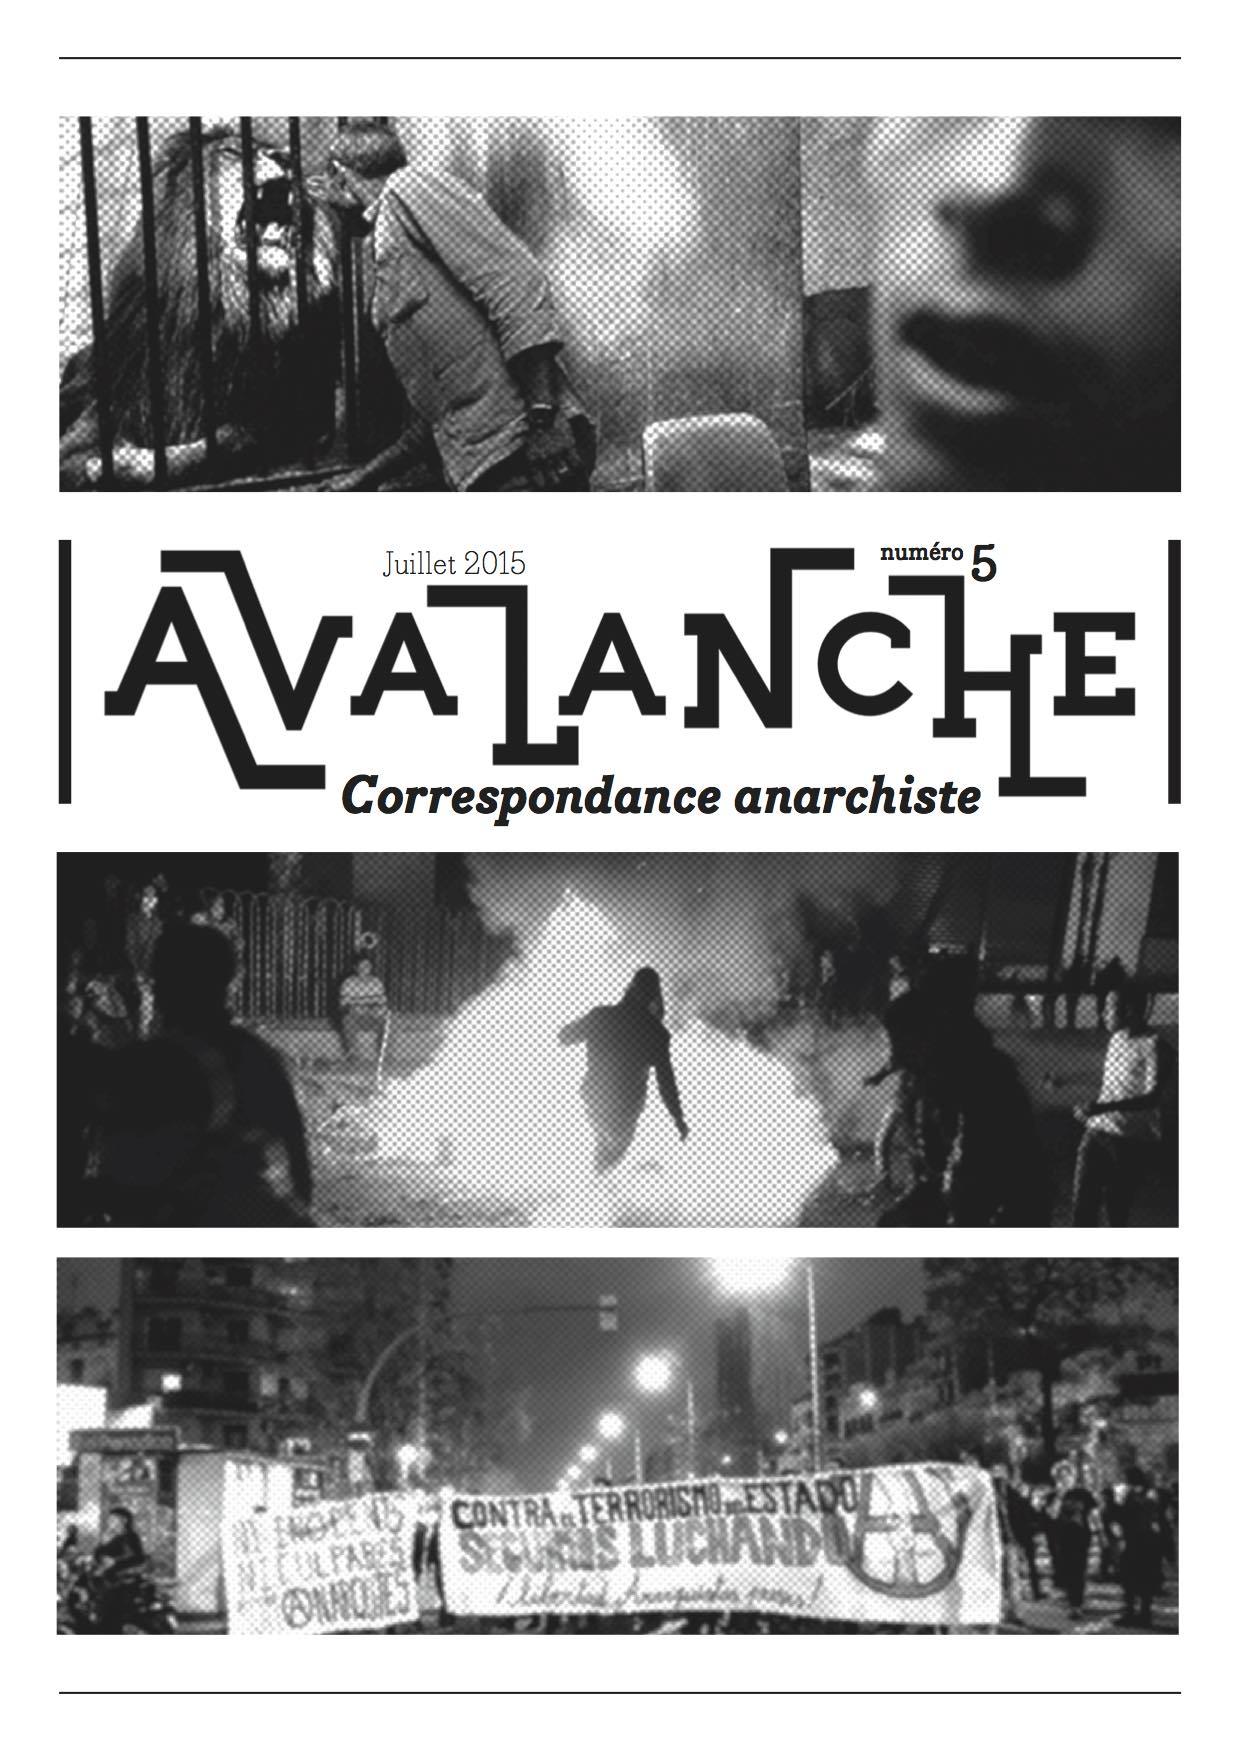 cliquer sur la couverture pour télécharger Avalanche n°5